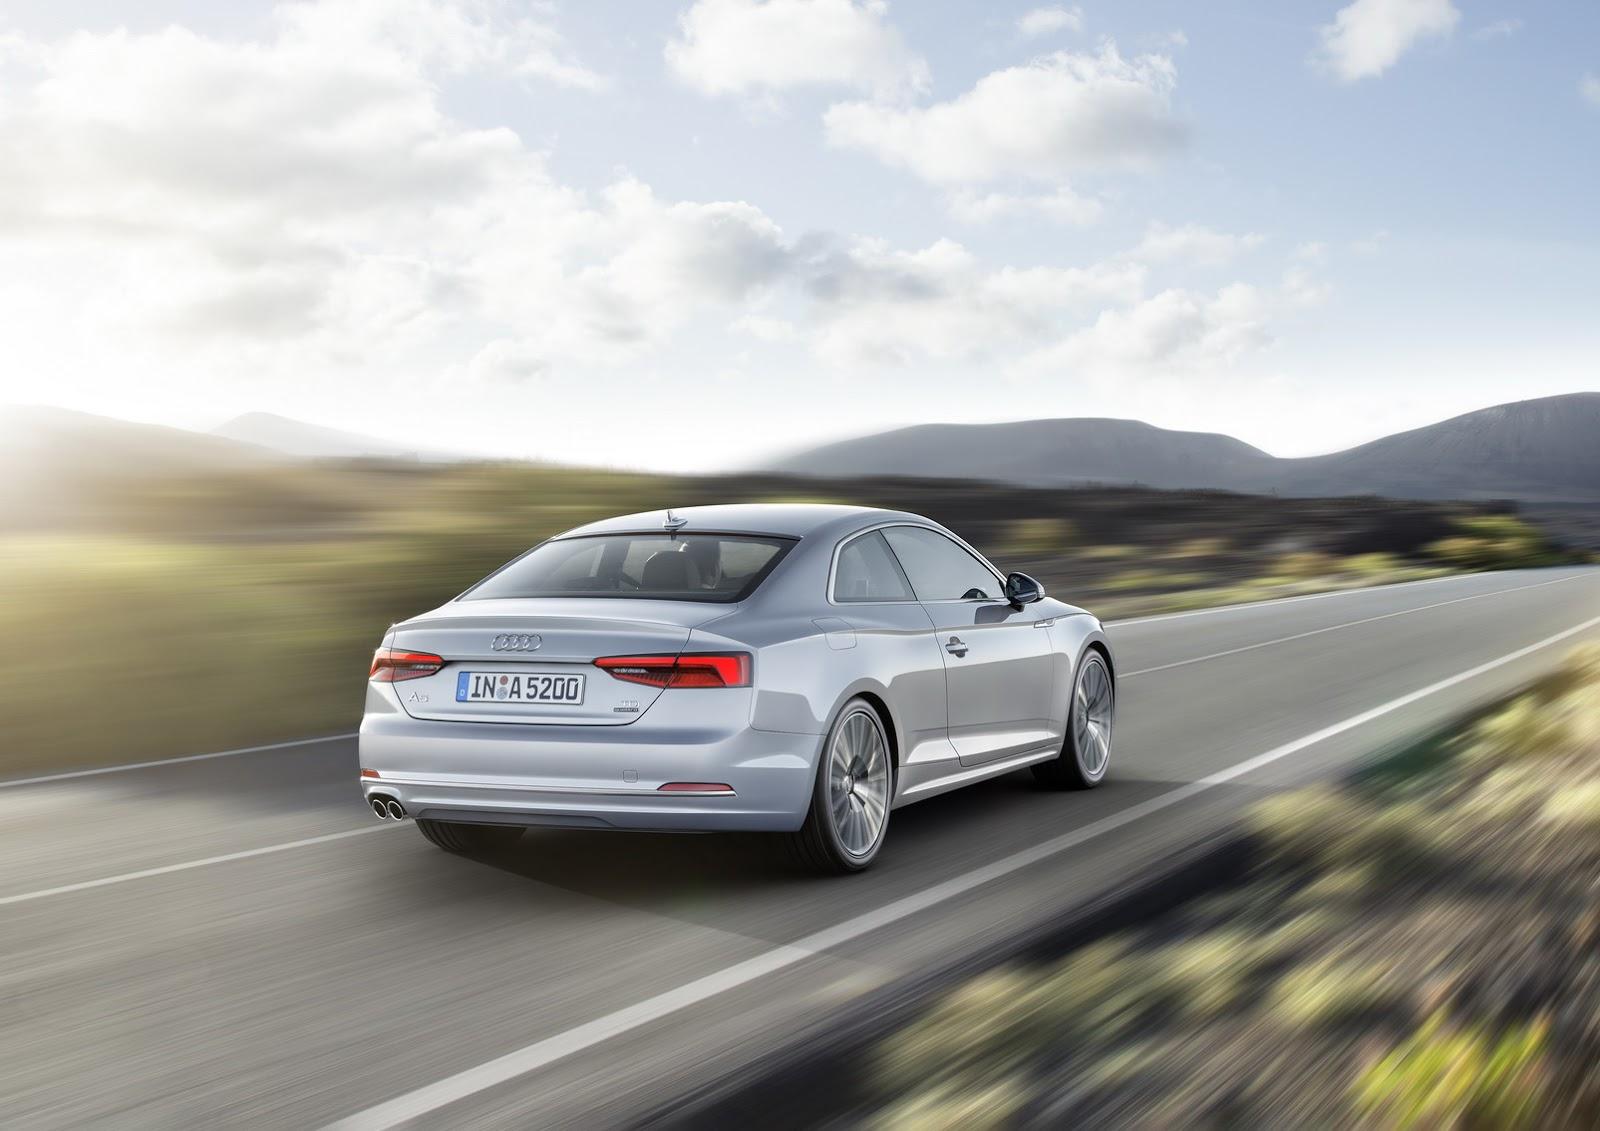 Về động cơ, Audi A5 2017 có 2 loại máy xăng và 3 loại máy dầu khác nhau. Trong đó, động cơ xăng và diesel tiêu chuẩn có dung tích 2.0 lít cùng công suất tối đa 187 mã lực. Tiếp đến là động cơ xăng 2.0 lít mạnh hơn với công suất tối đa 248 mã lực. Thứ tư là động cơ diesel V6 TDI, dung tích 3.0 lít với công suất tối đa 215 và 268 mã lực.